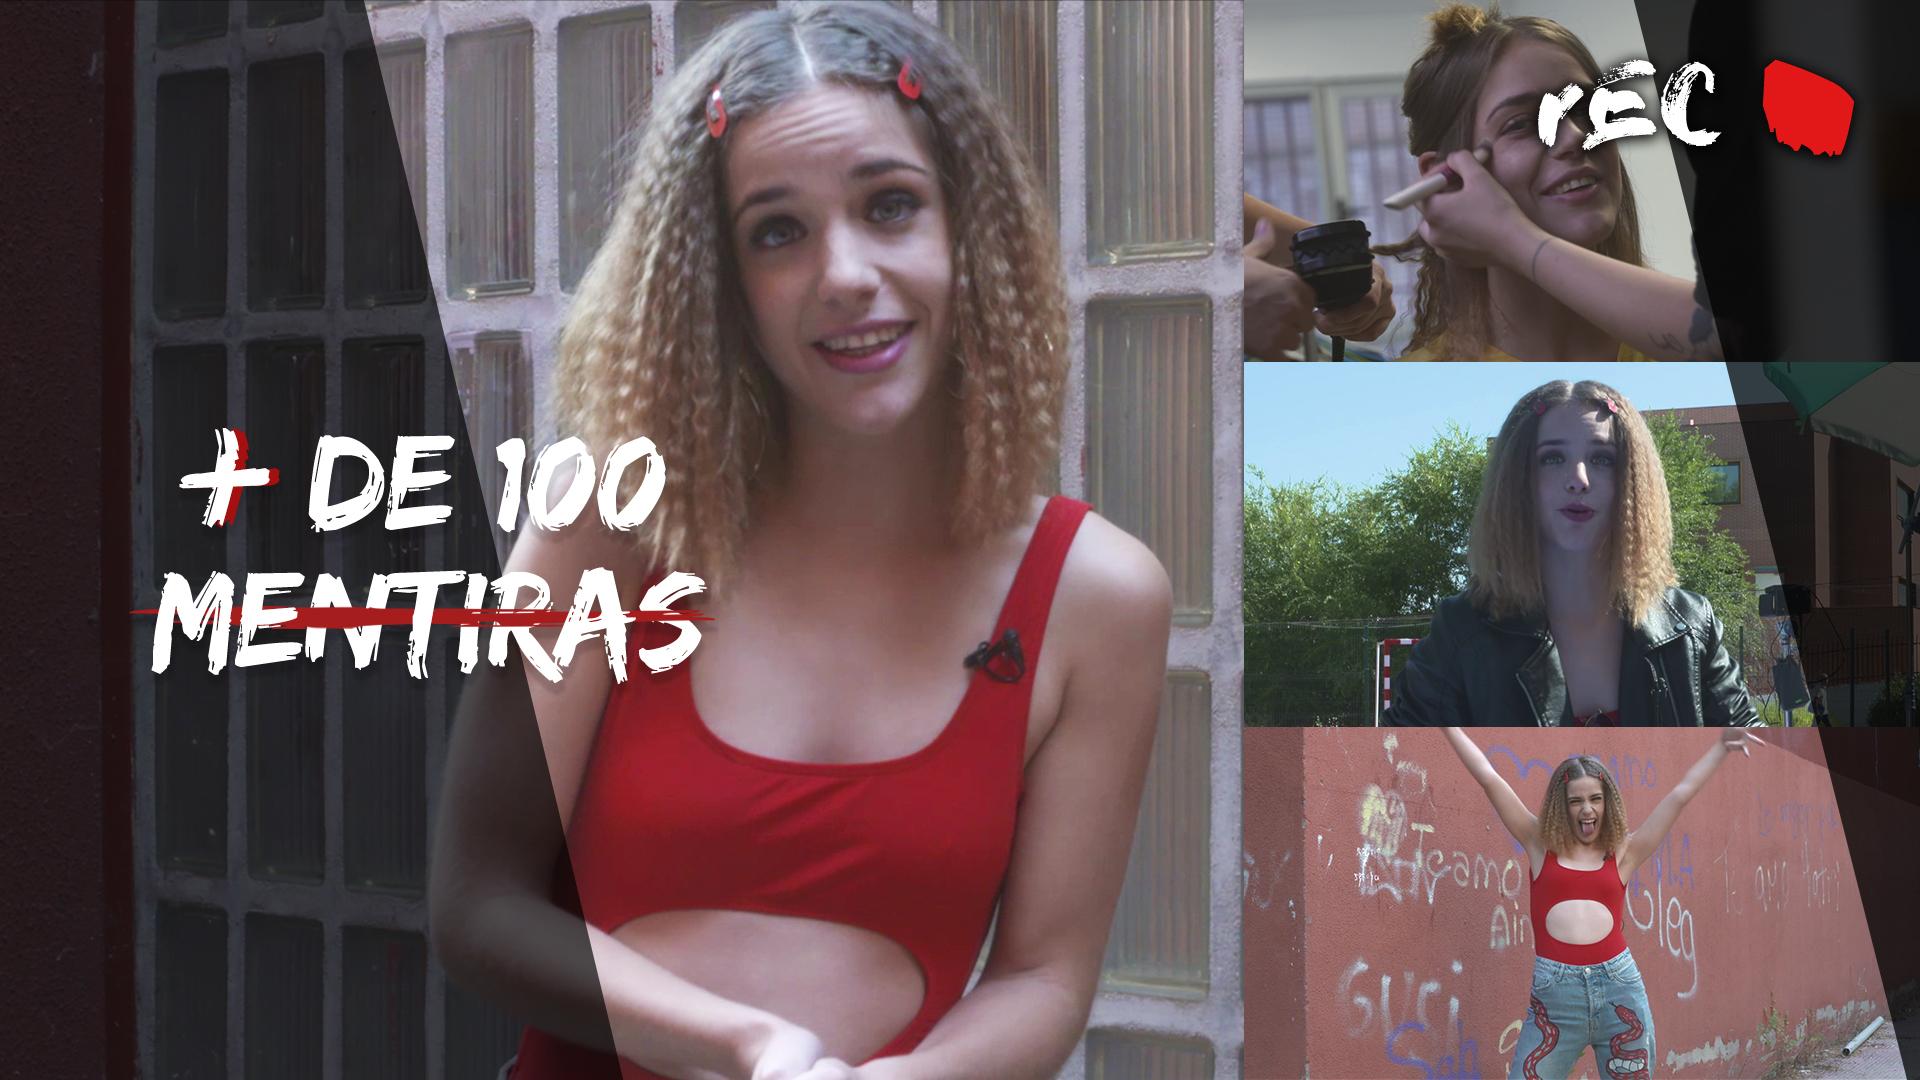 Temporada 1 Veki Velilla, Ángela en 'Más de 100 mentiras'